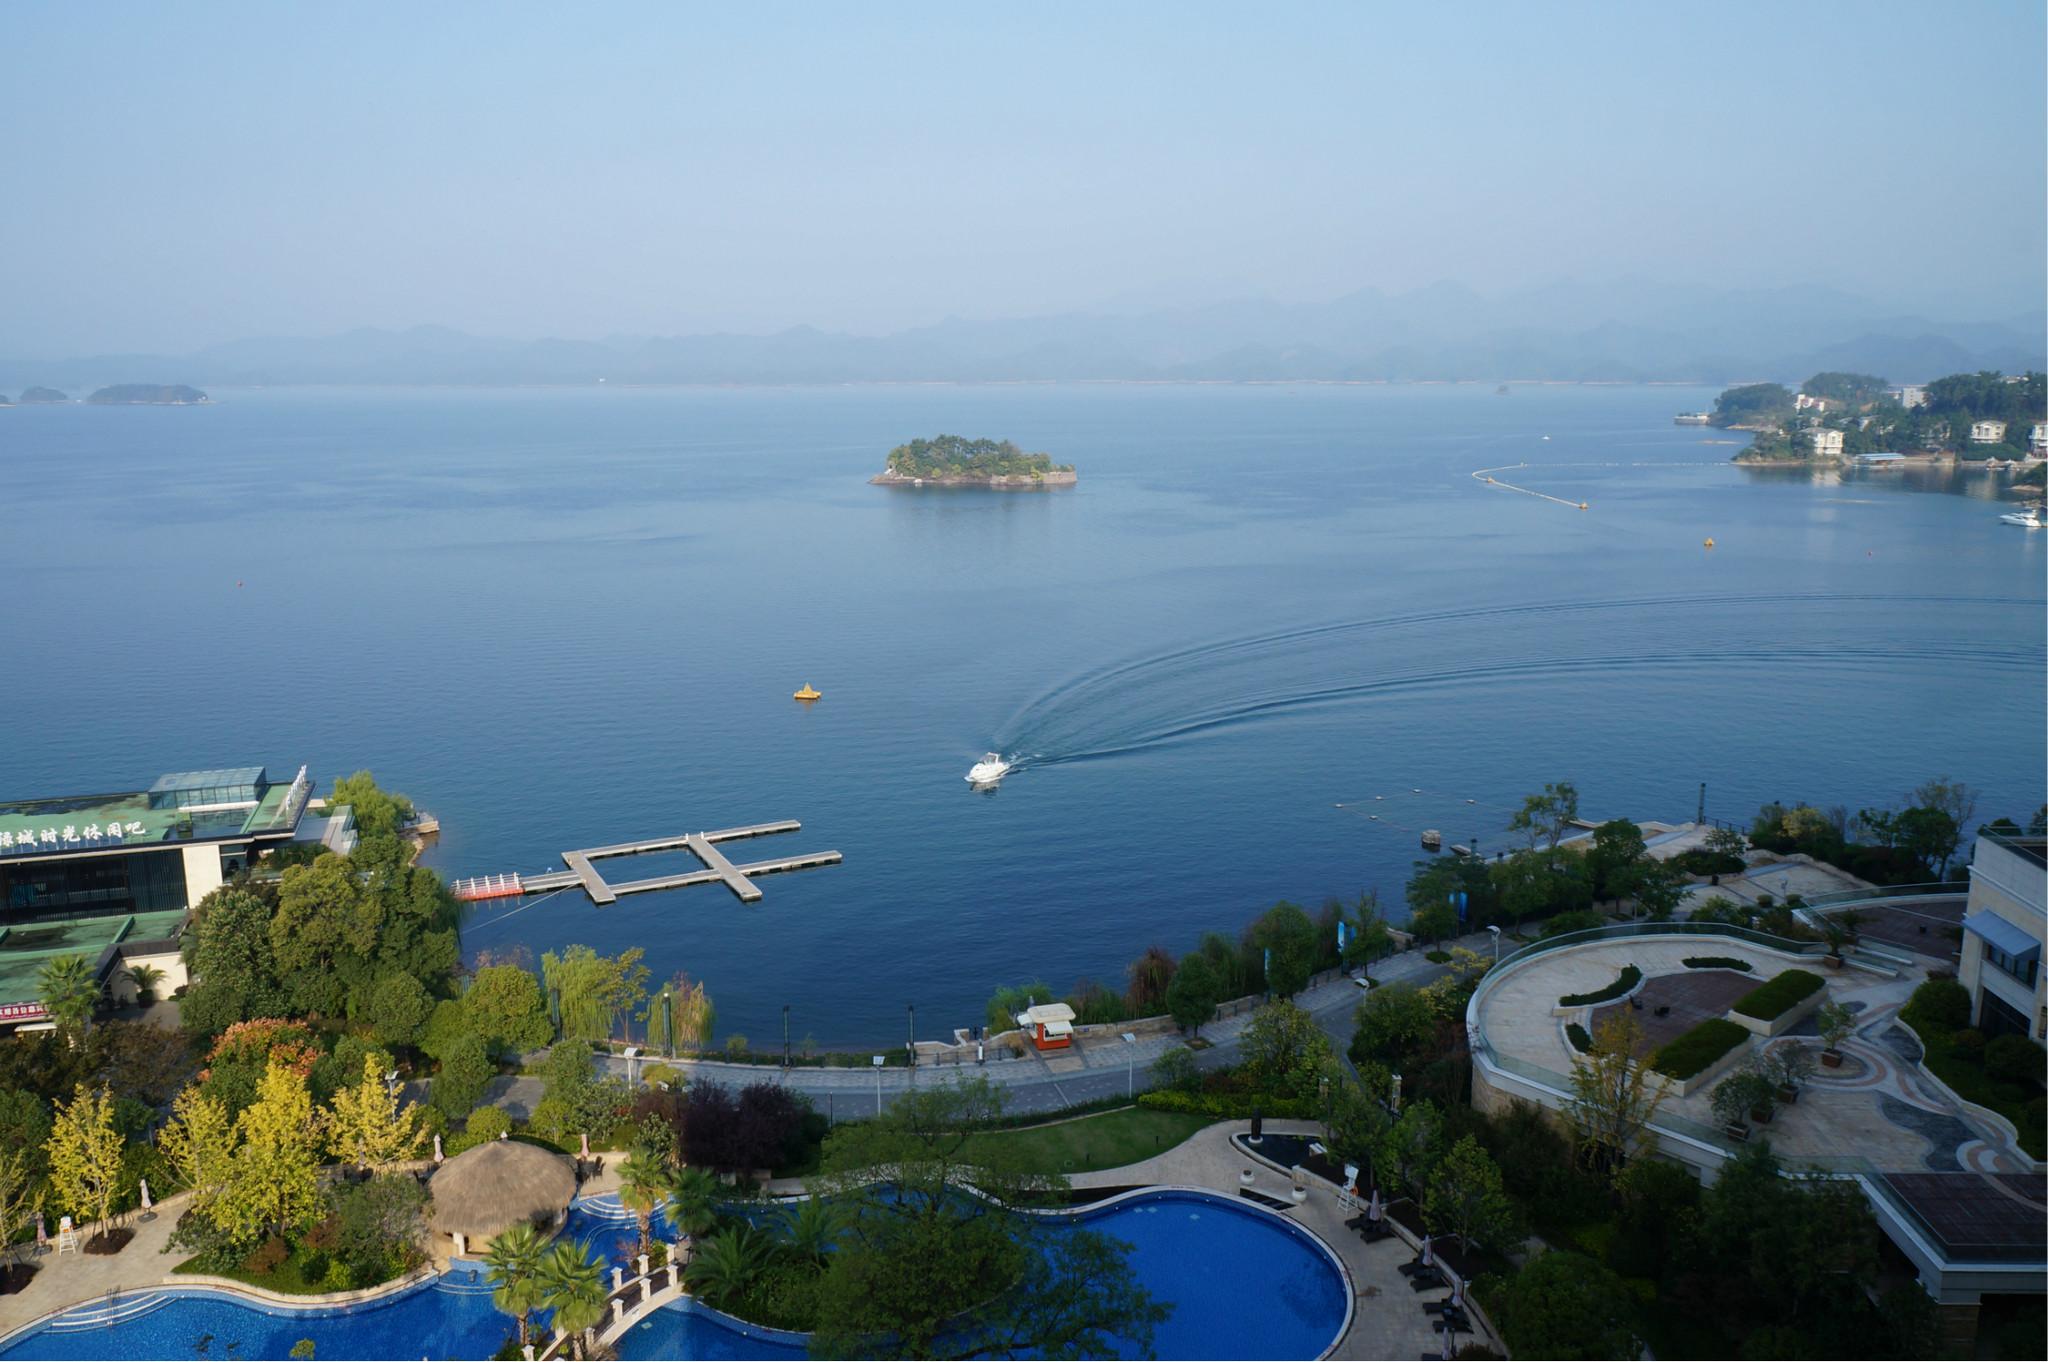 杭州千岛湖哪家度假酒店比较好?杭州千岛湖度假酒店推荐?杭州千岛湖有什么度假酒店?